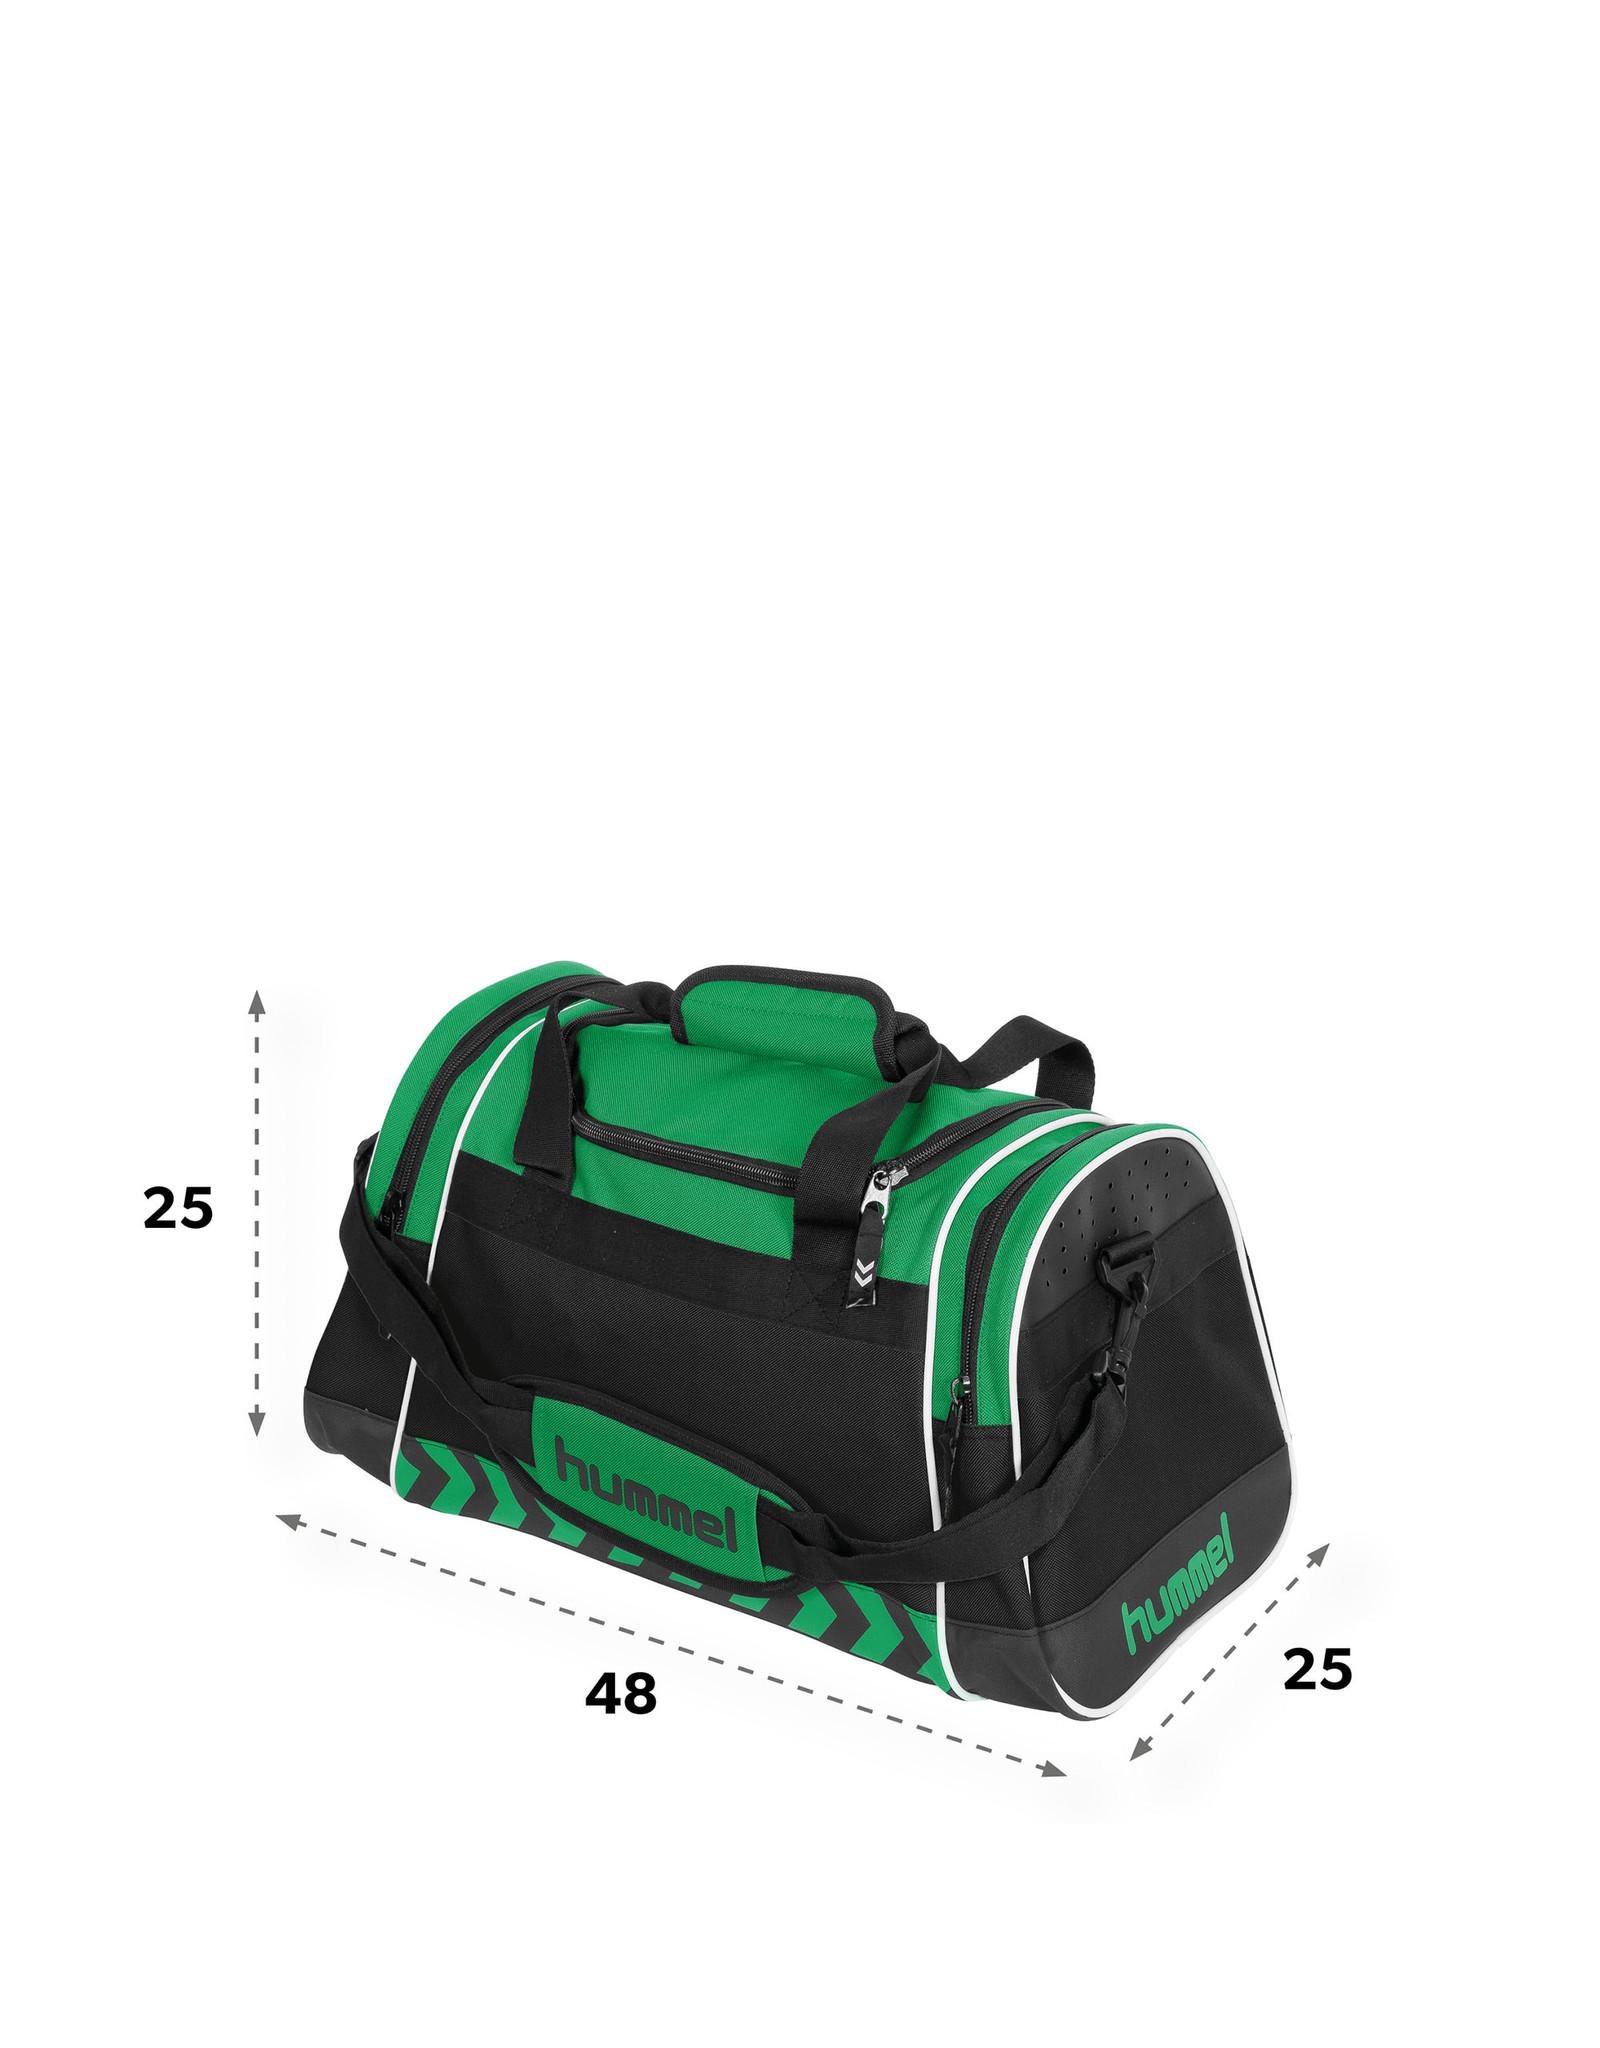 Hummel Sheffield Bag-GREEN